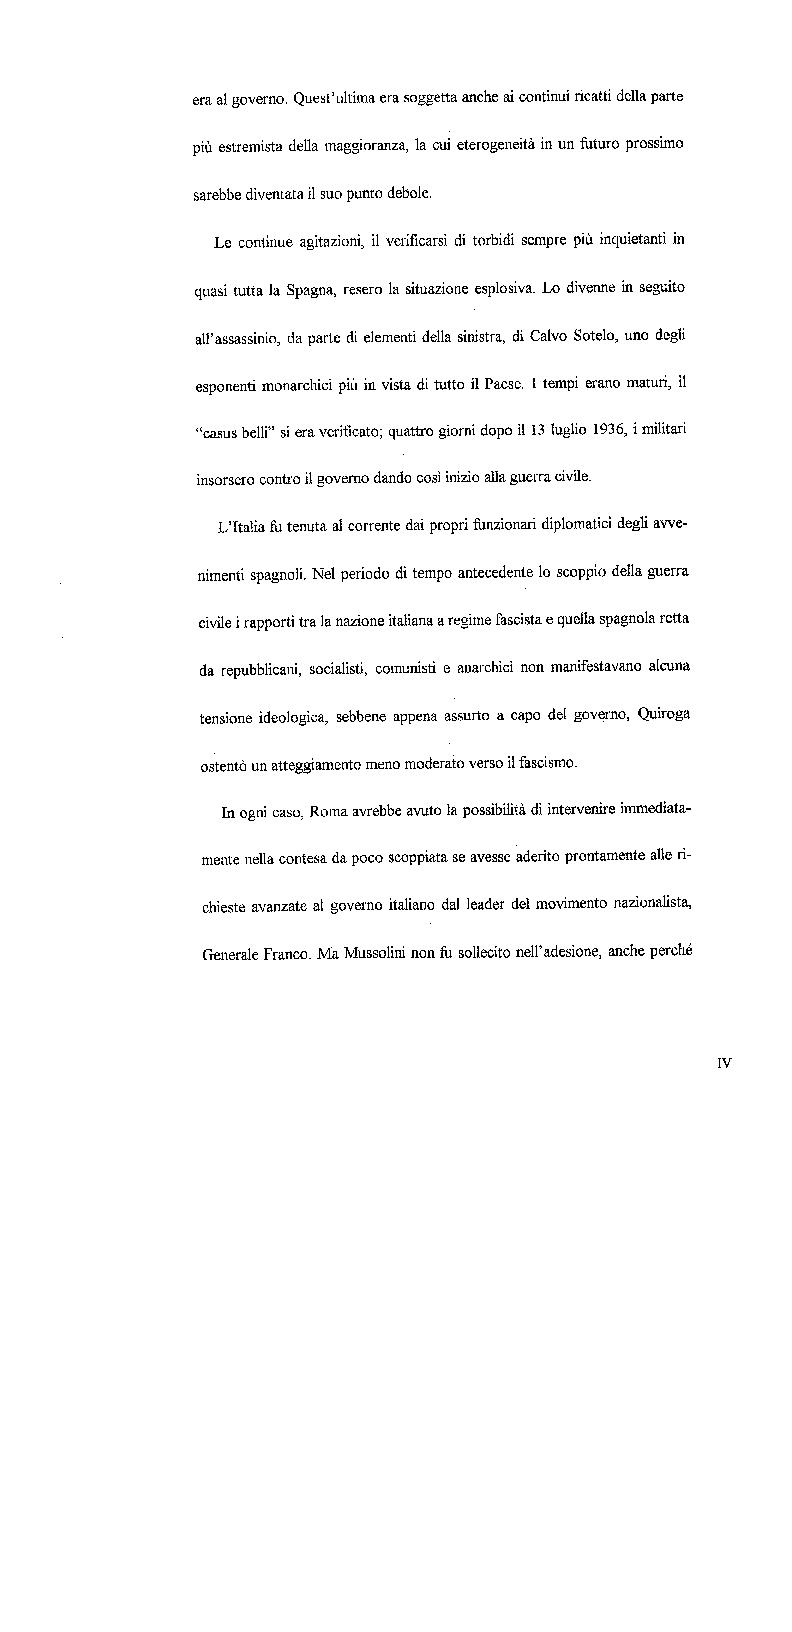 Anteprima della tesi: L'Italia e l'inizio della guerra civile spagnola, Pagina 2